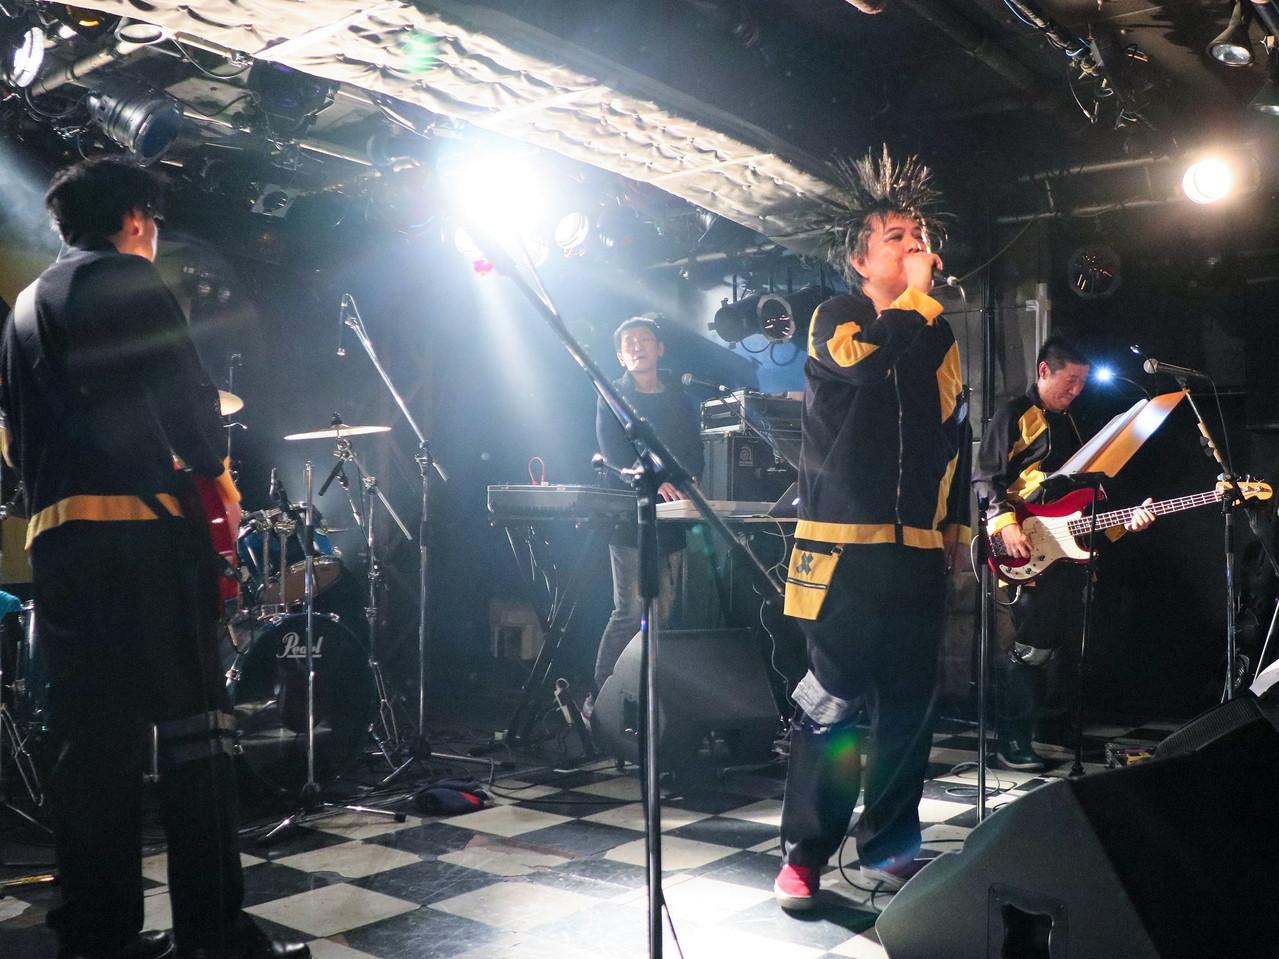 2018.11.11 有頂天 新宿ロフト